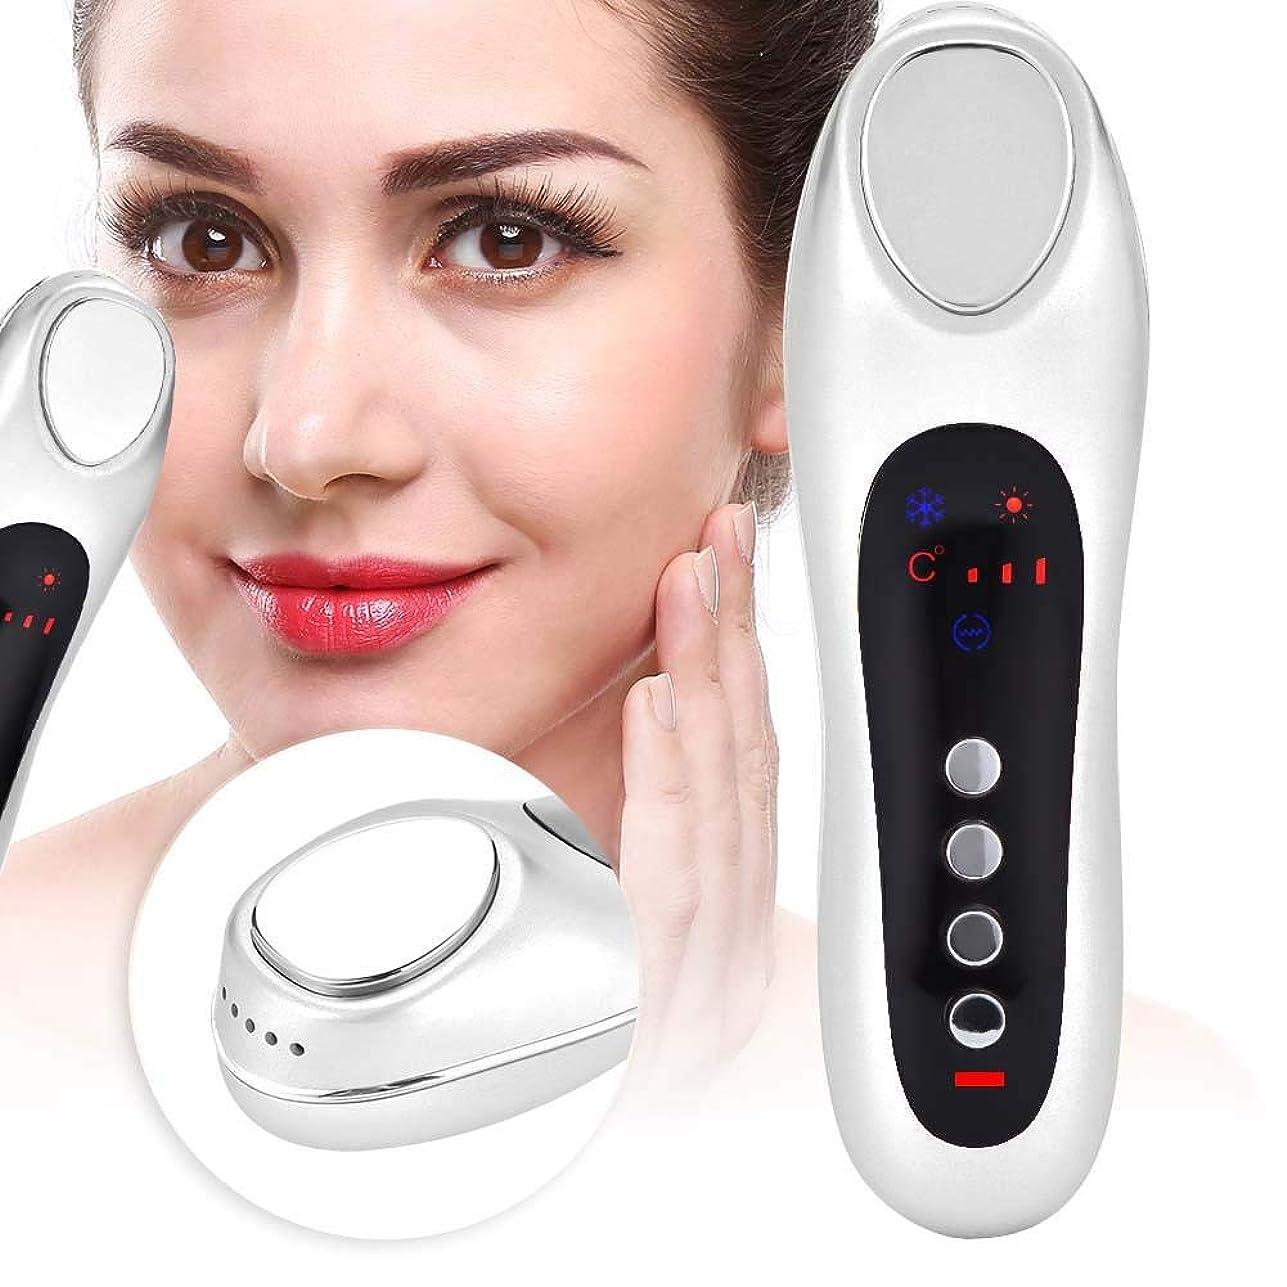 つまずく断線センブランスLEDレッドライトスキンケアマッサージャー美容機器、フェイシャルクレンジング&ファーミングマッサージクレンジングのための審美的デバイス、若返り、スムース&ファームスキン(White)